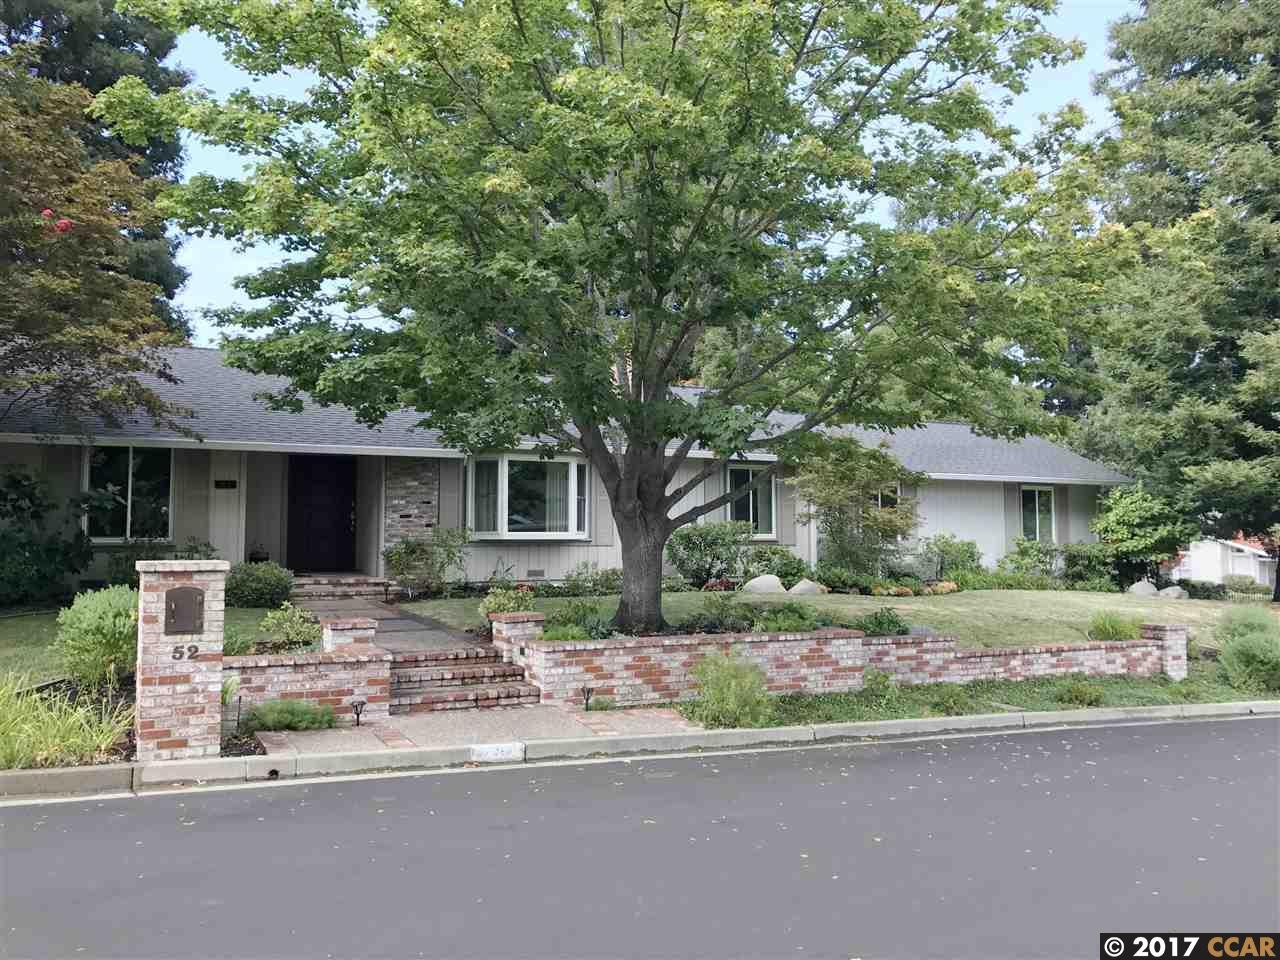 Casa Unifamiliar por un Alquiler en 52 Alexander Lane Danville, California 94526 Estados Unidos